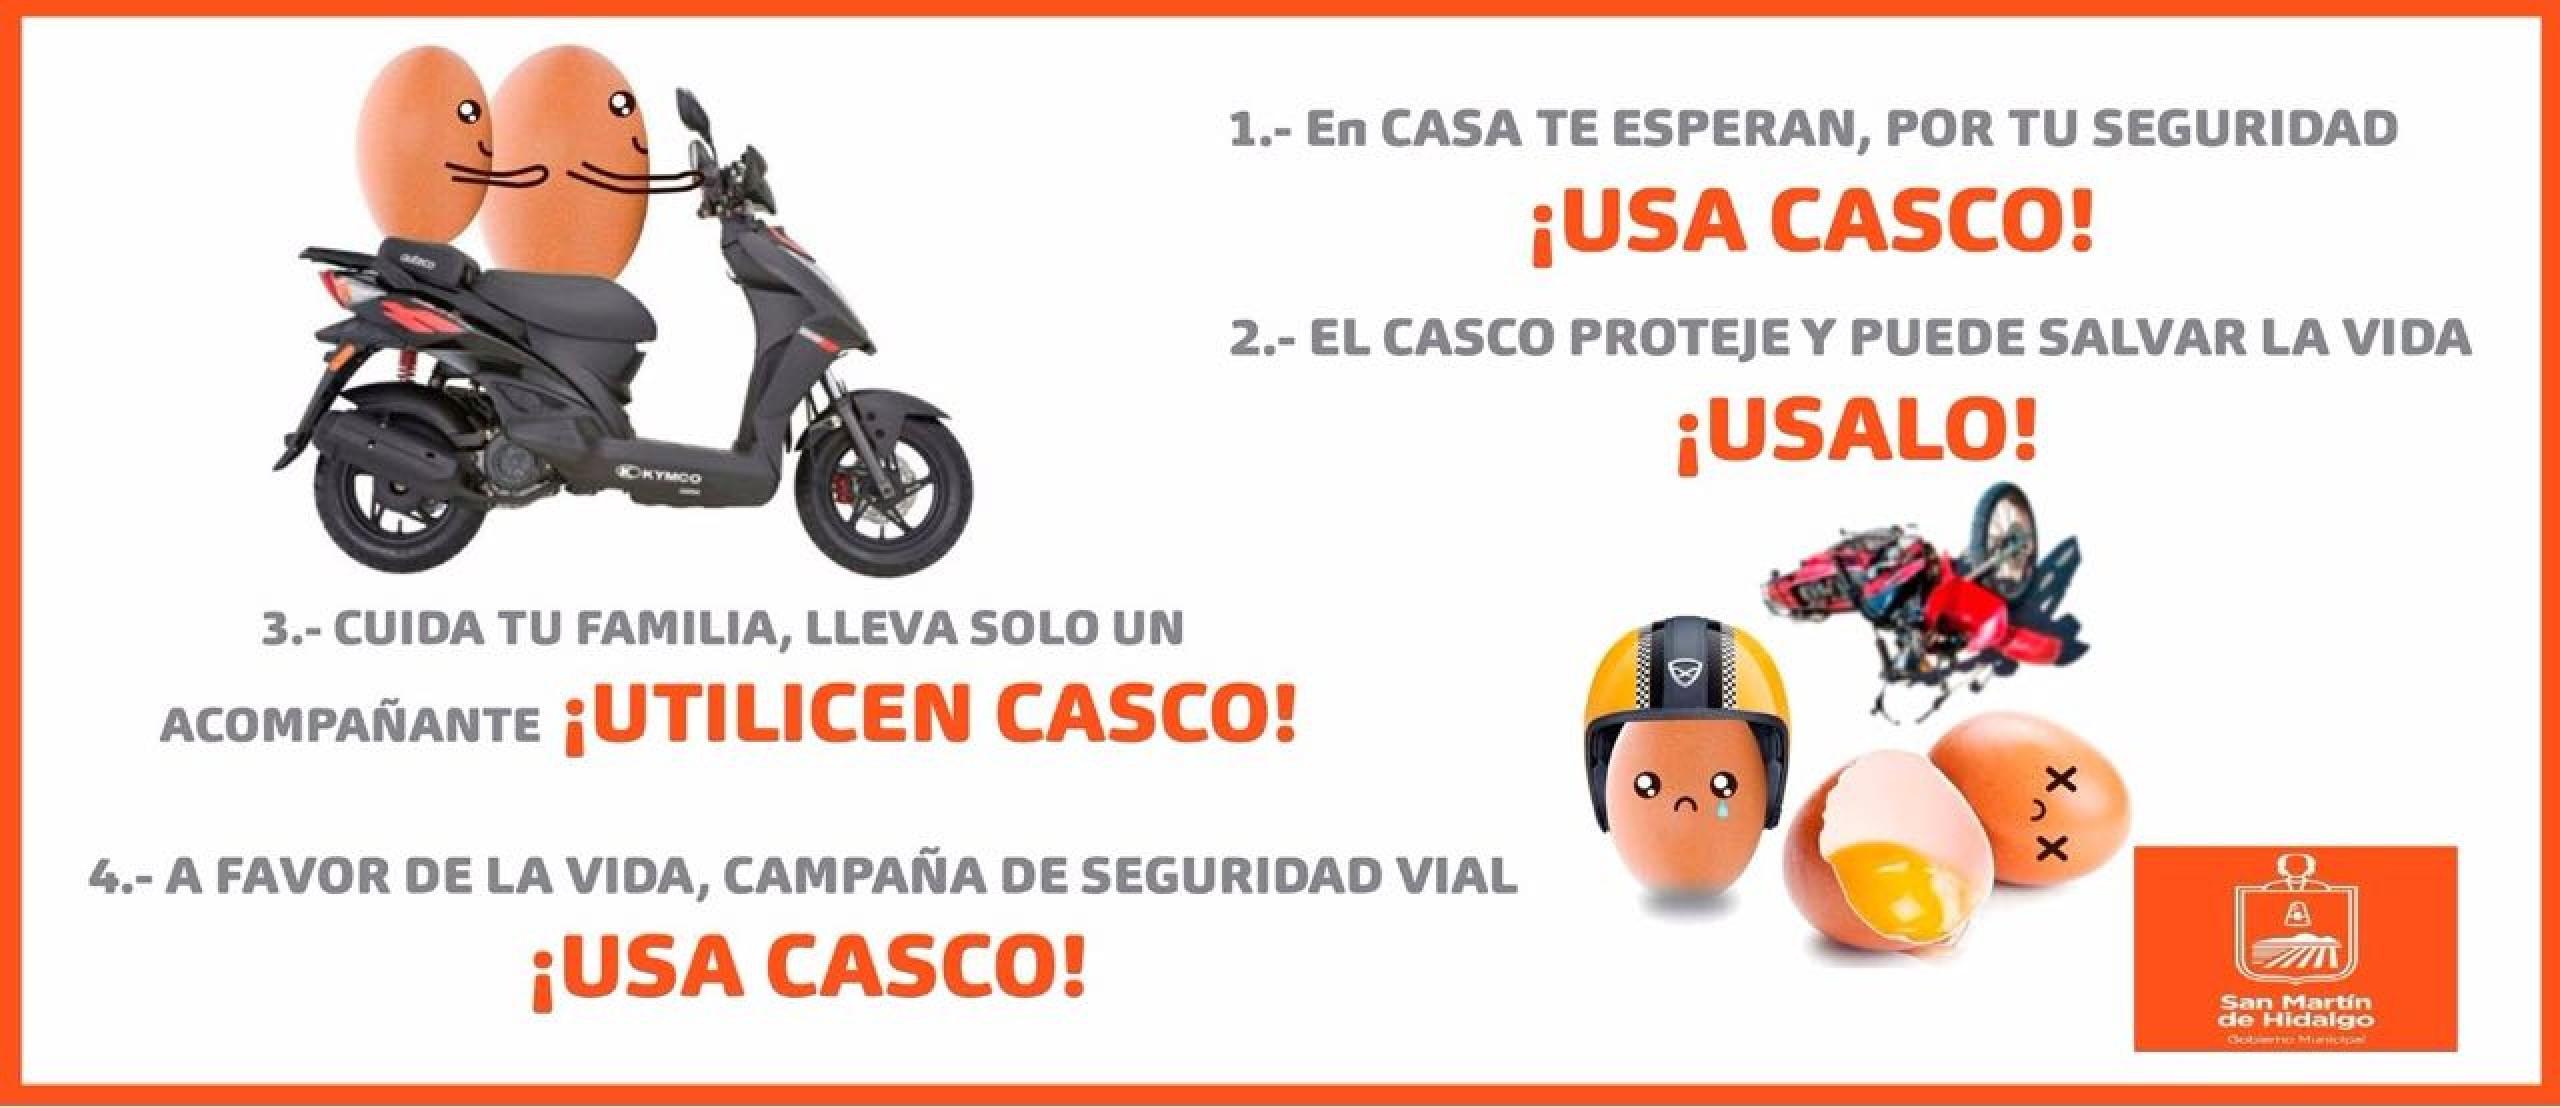 hidalgo gob mx: